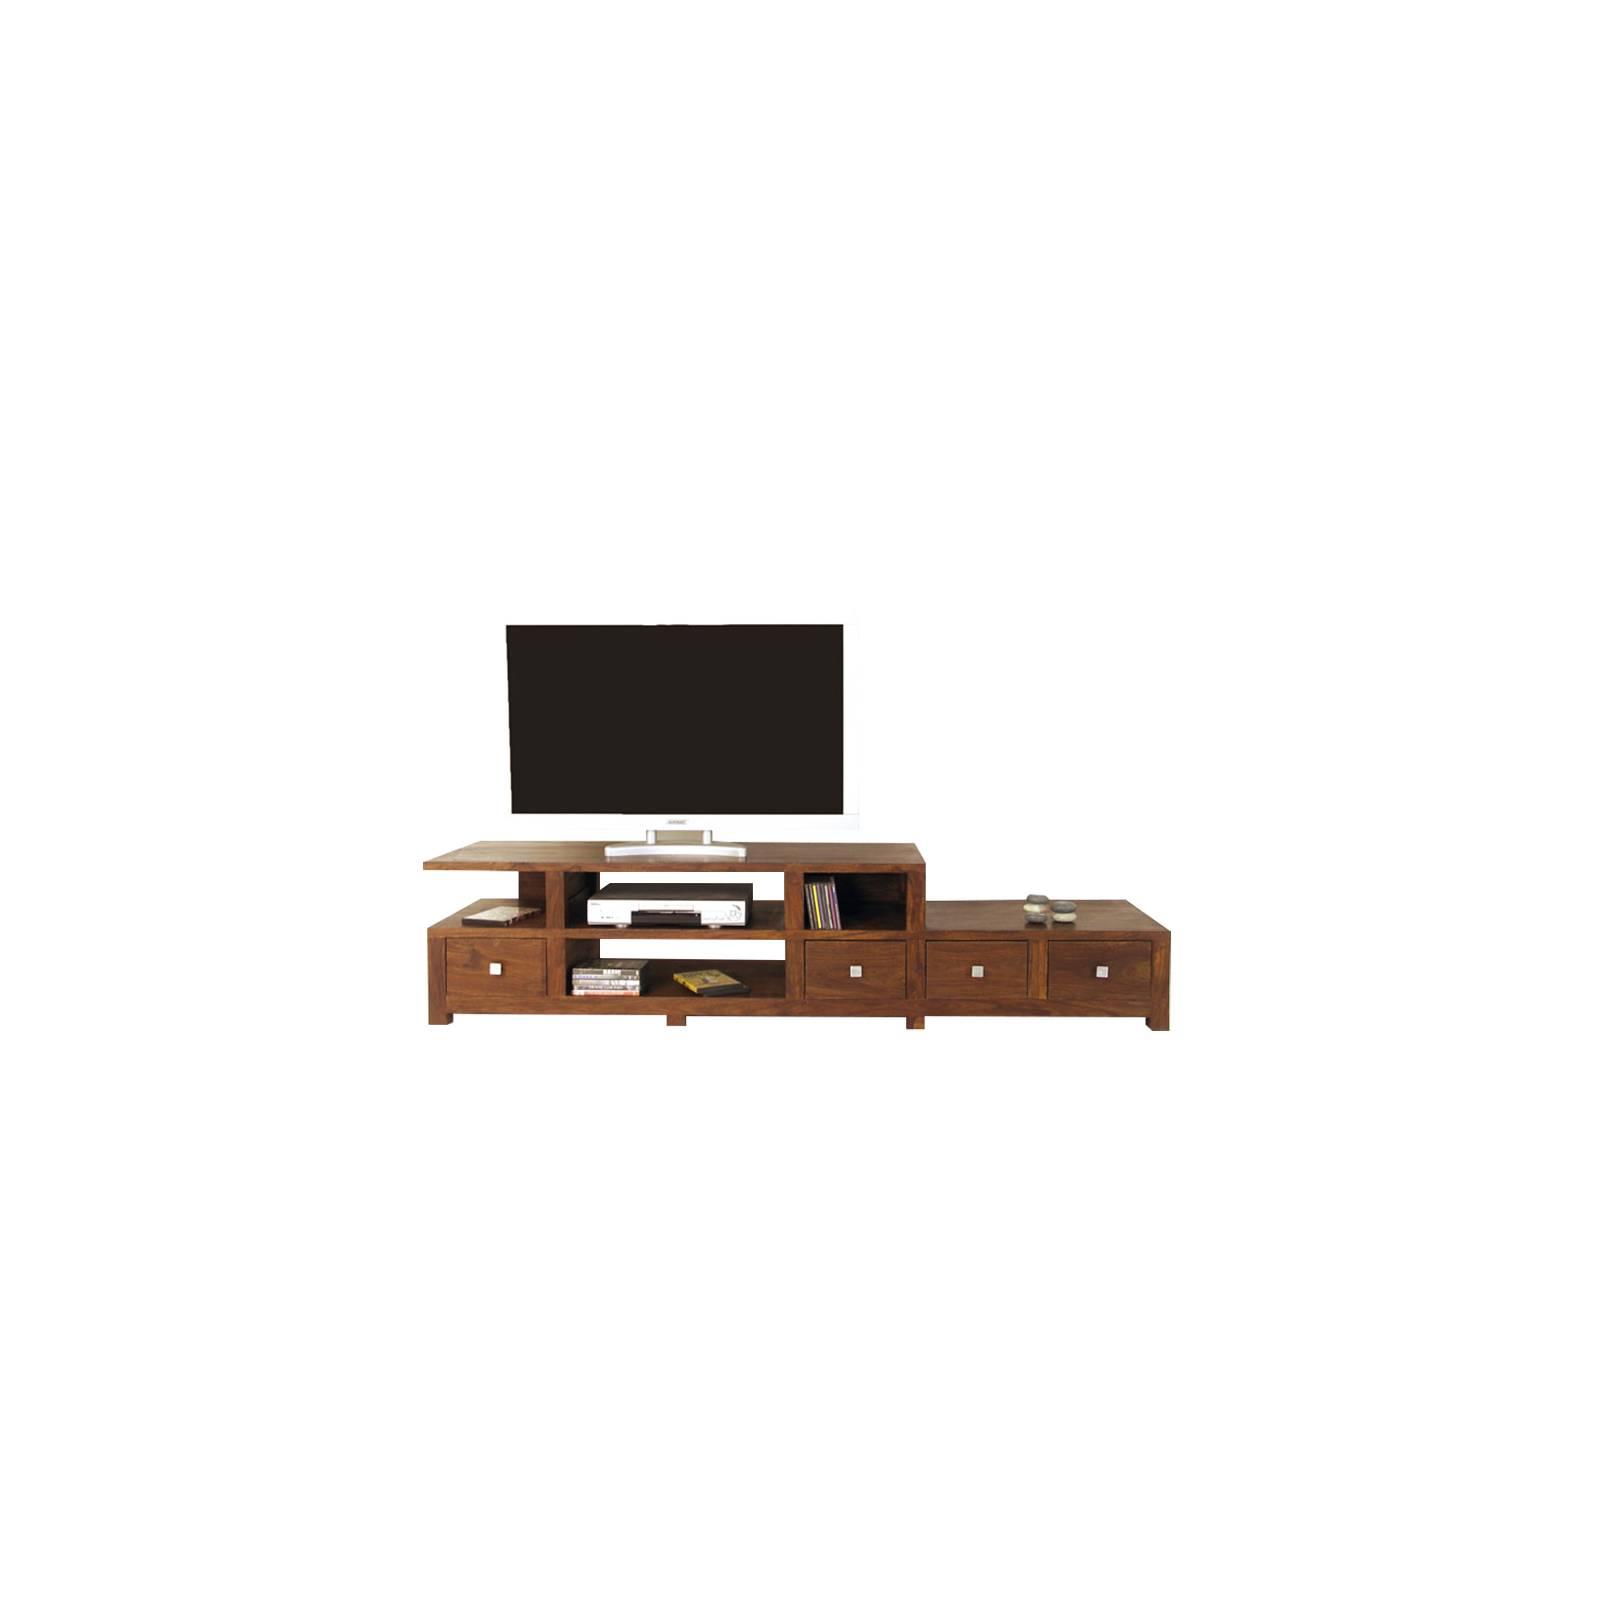 Meuble Tv GM Lhassa Palissandre - meuble tendance coloniale